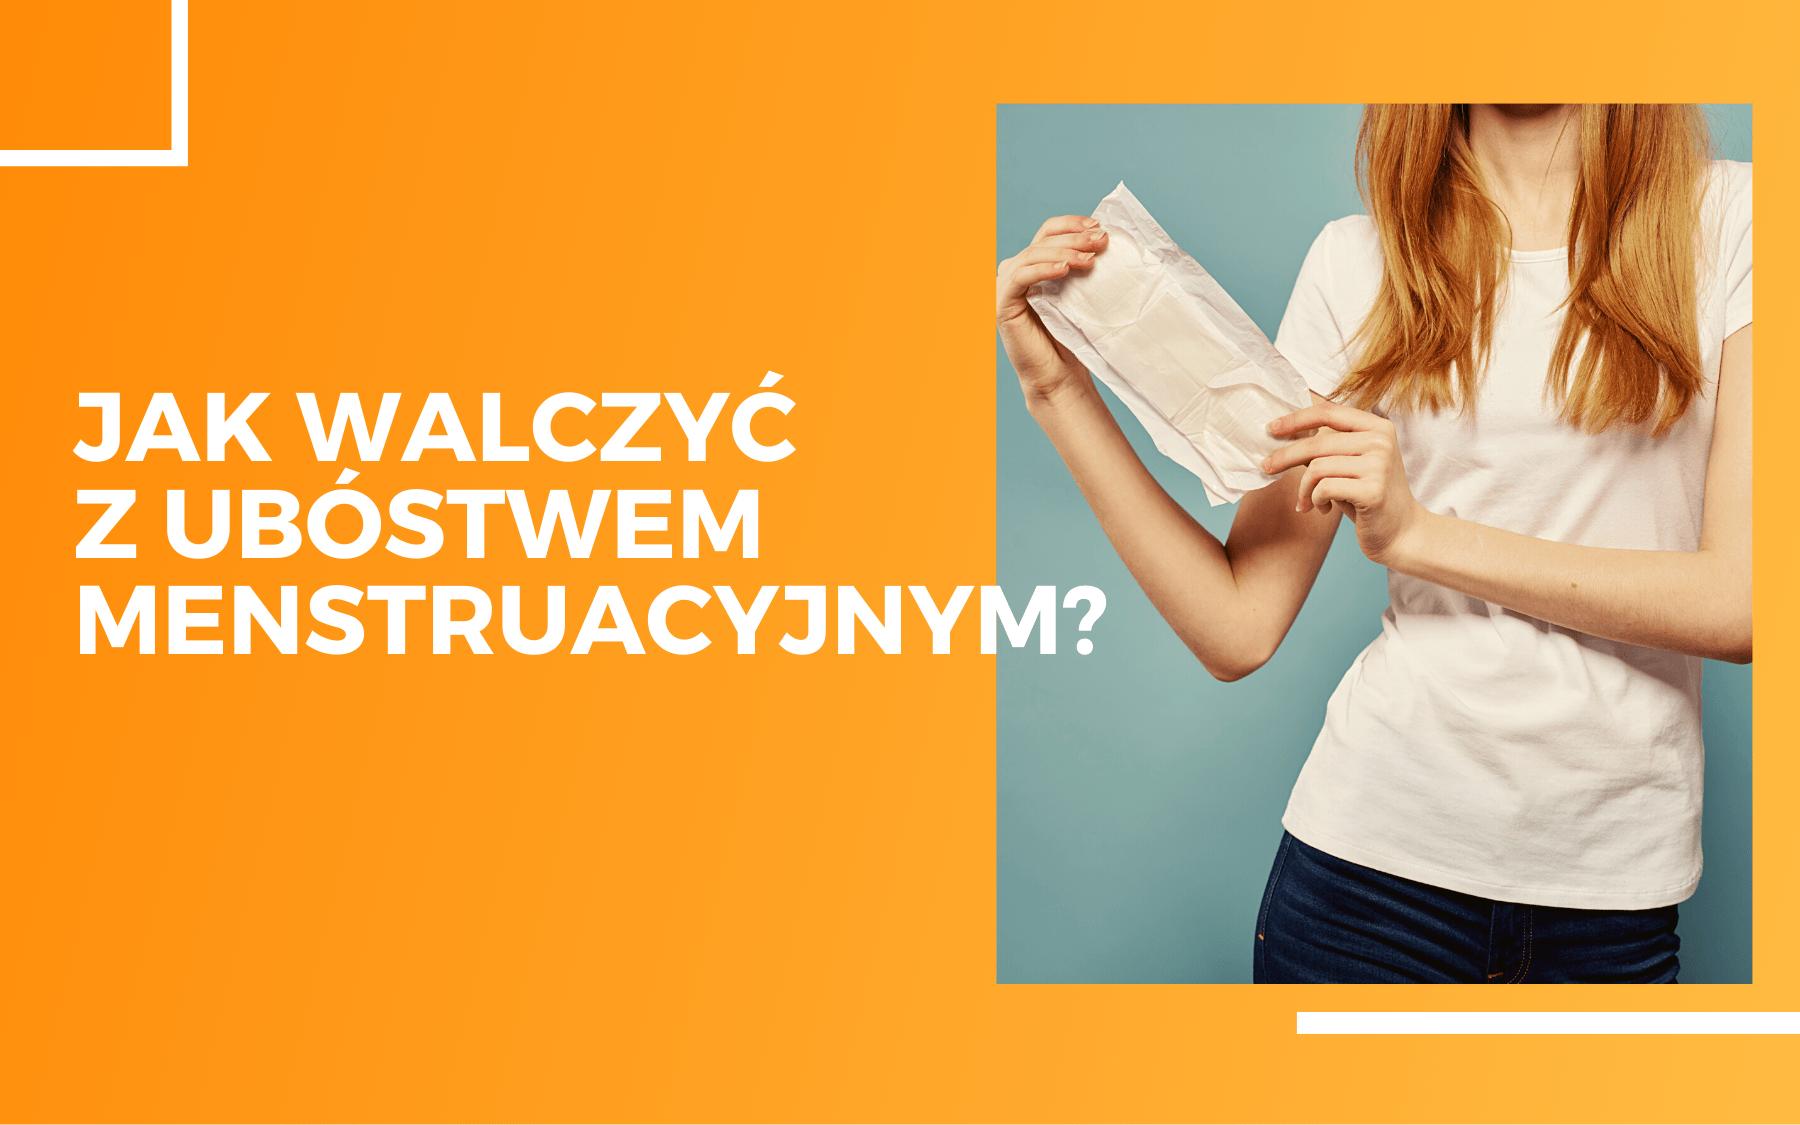 """Po lewej stronie na pomarańczowym tle napis """"jak walczyć z ubóstwem menstruacyjnym?"""". Po prawej na zdjęciu kobieta w białej koszulce trzymająca w rękach opakowanie z podpaską."""